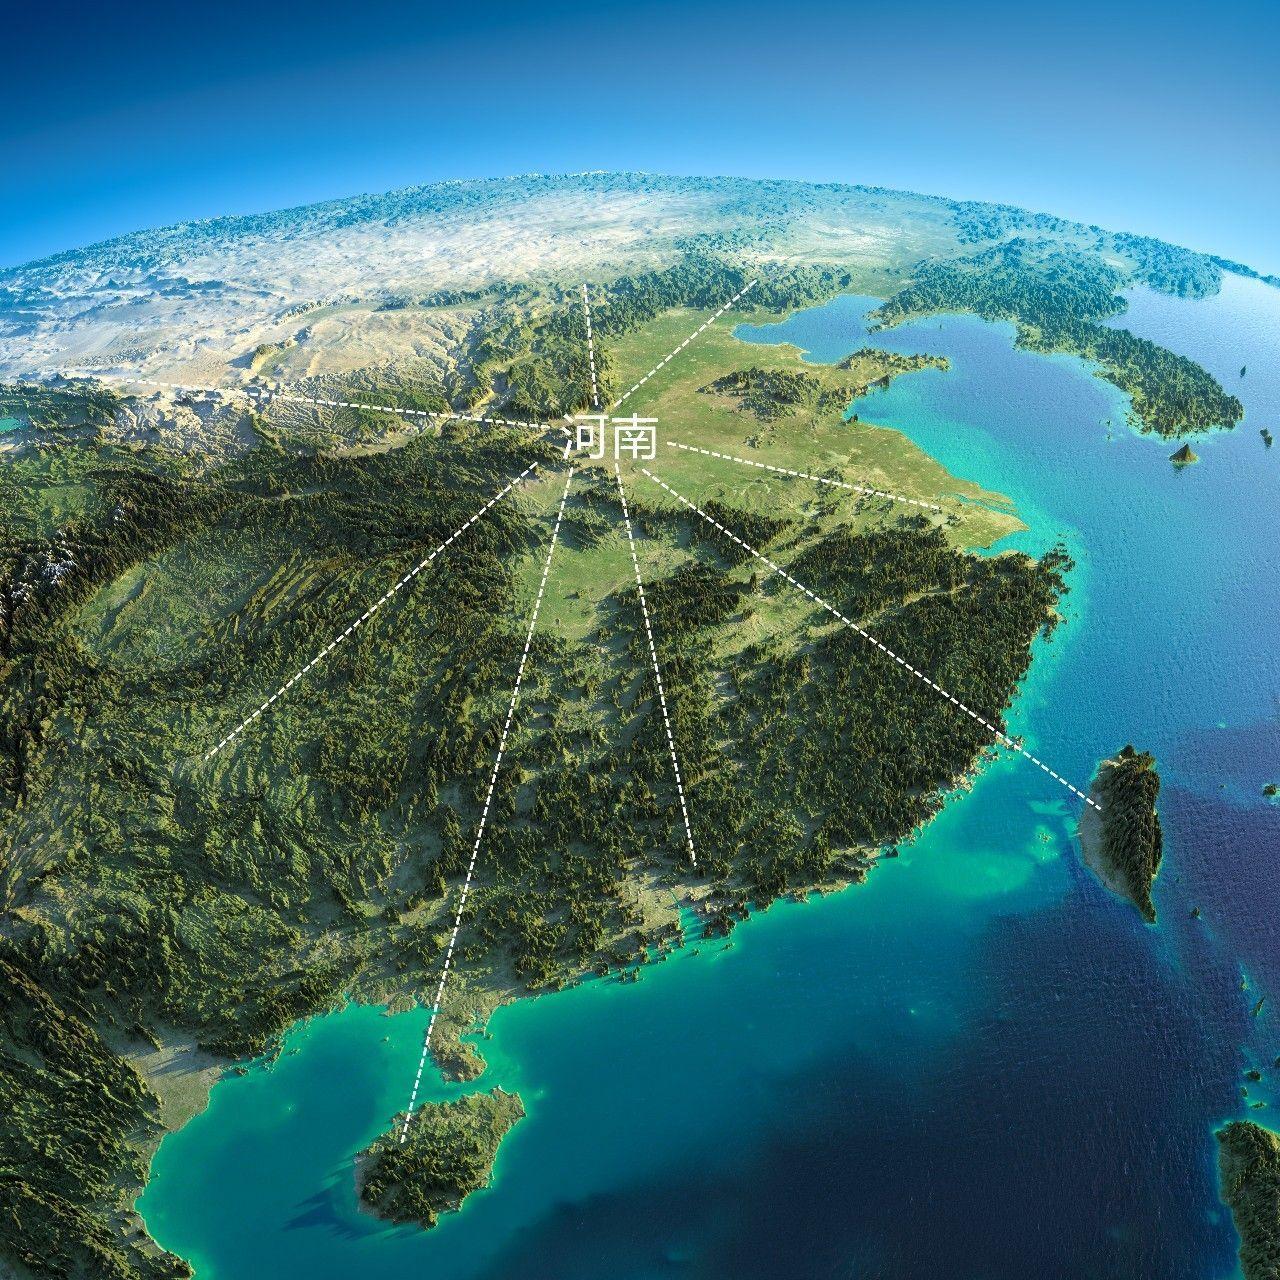 台湾经济总量和哪个省差不多_台湾经济总量图片(3)